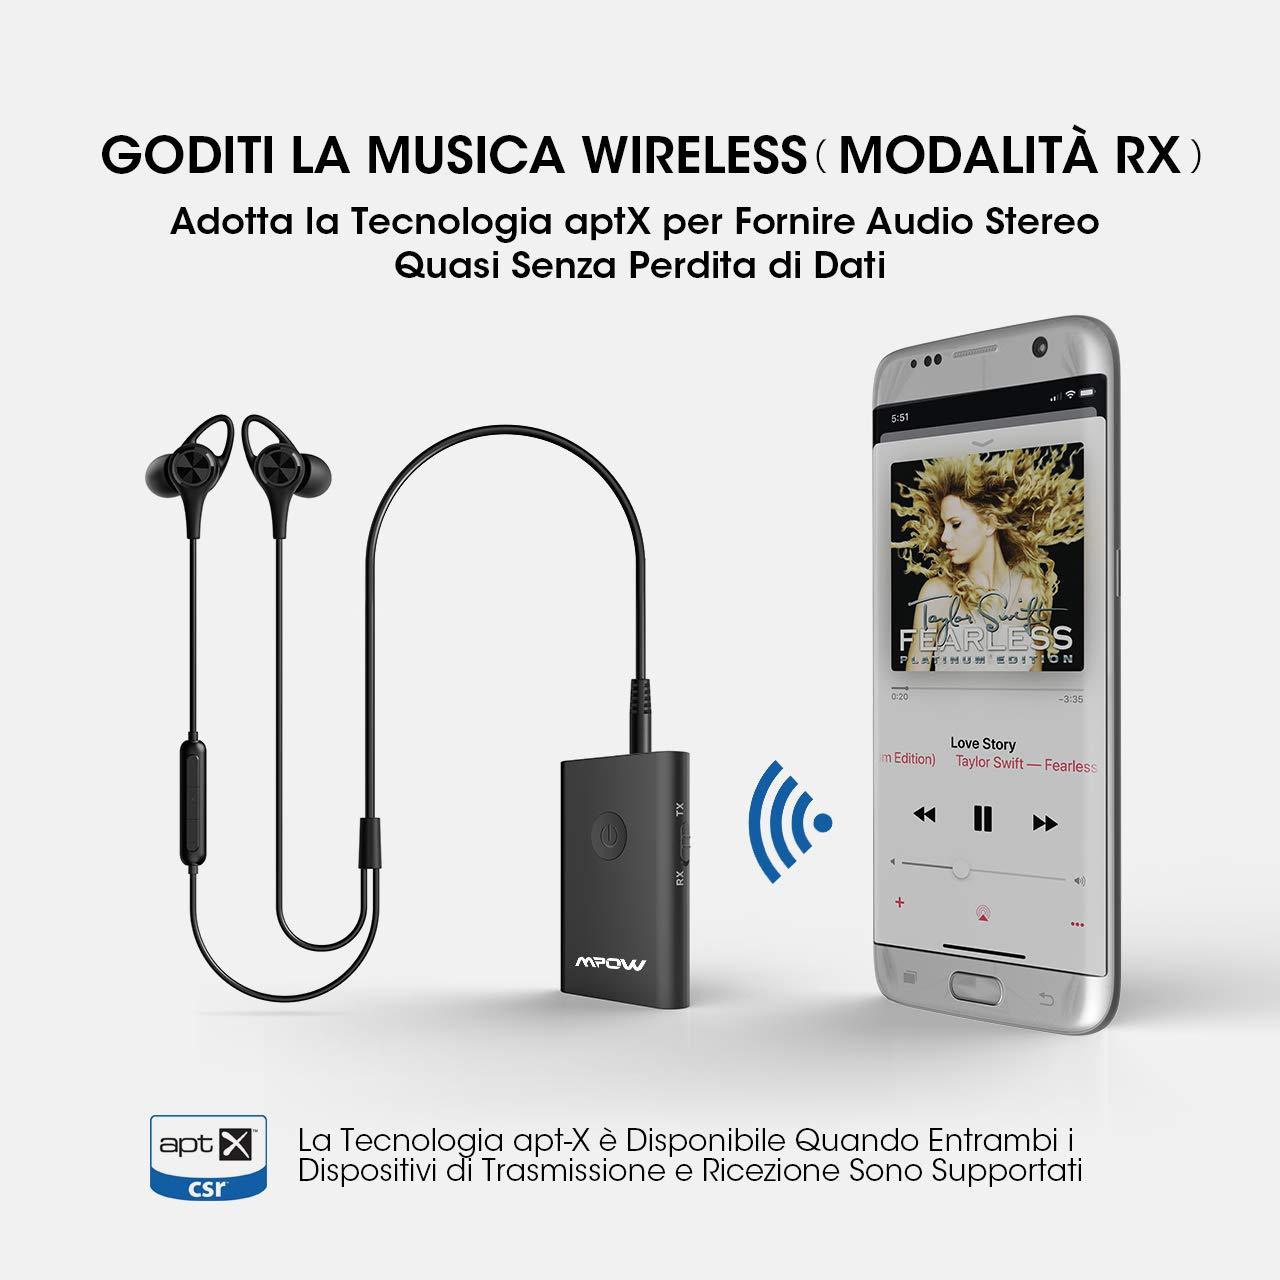 PC TM TV Sistema Stereo Altoparlanti Trasmissione Audio per Cuffie aptX Auto Wireless 3.5mm Aux Bluetooth A2DP AVRCP Connessione Multipunto Mpow Trasmettitore e Ricevitore Bluetooth 2-in-1